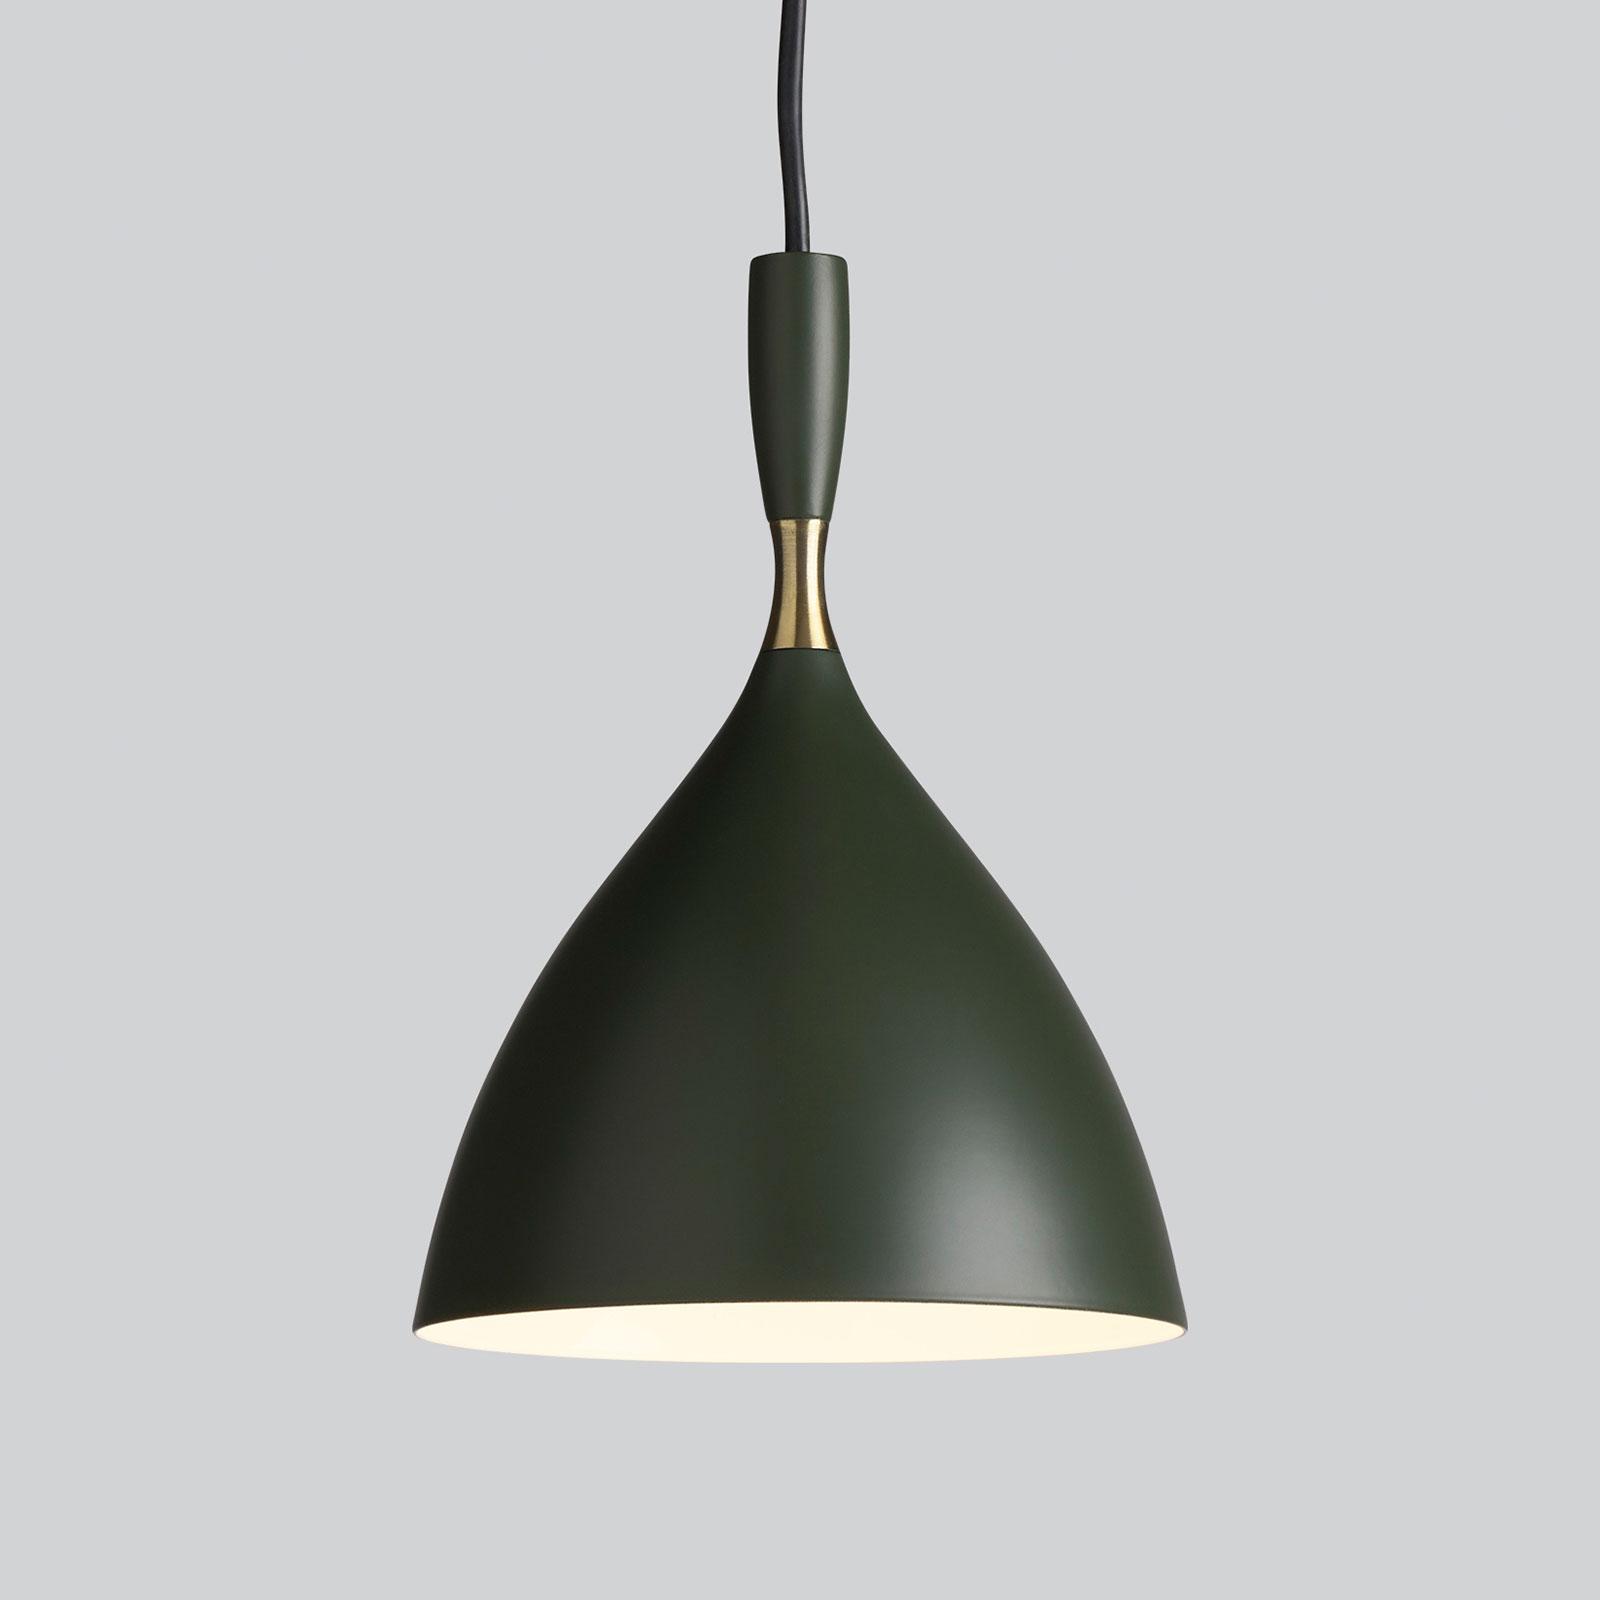 Northern hanglamp Dokka donkergroen